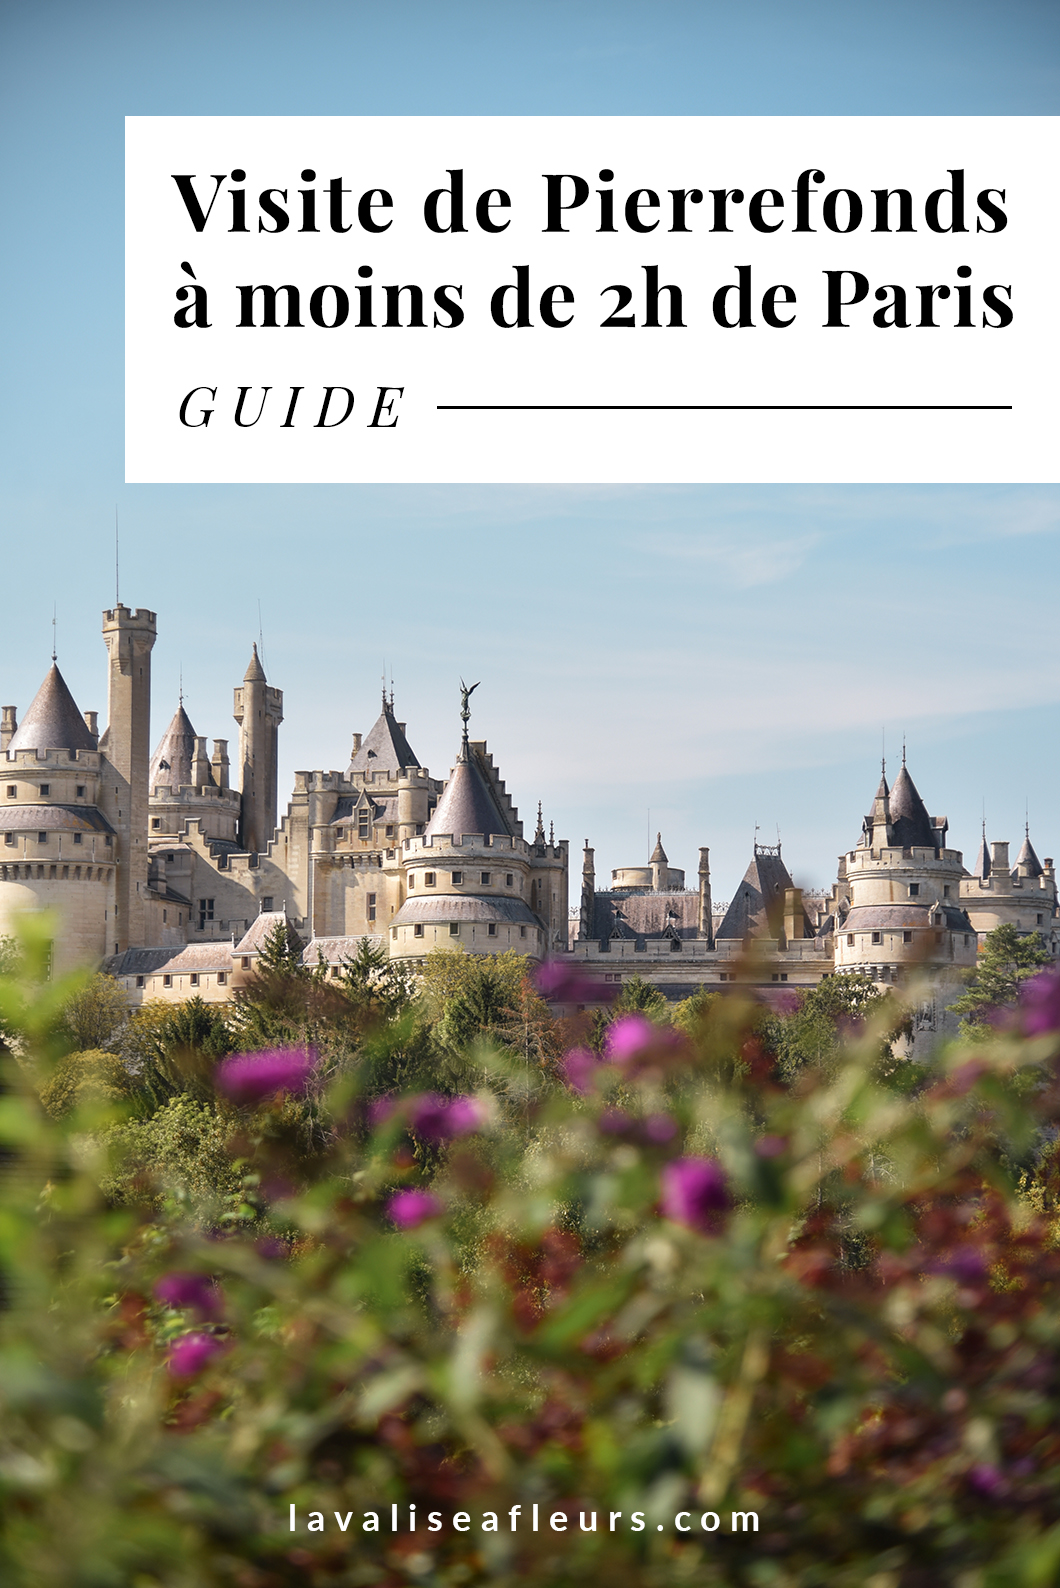 Pierrefonds, idée de week end à moins de 2h de Paris